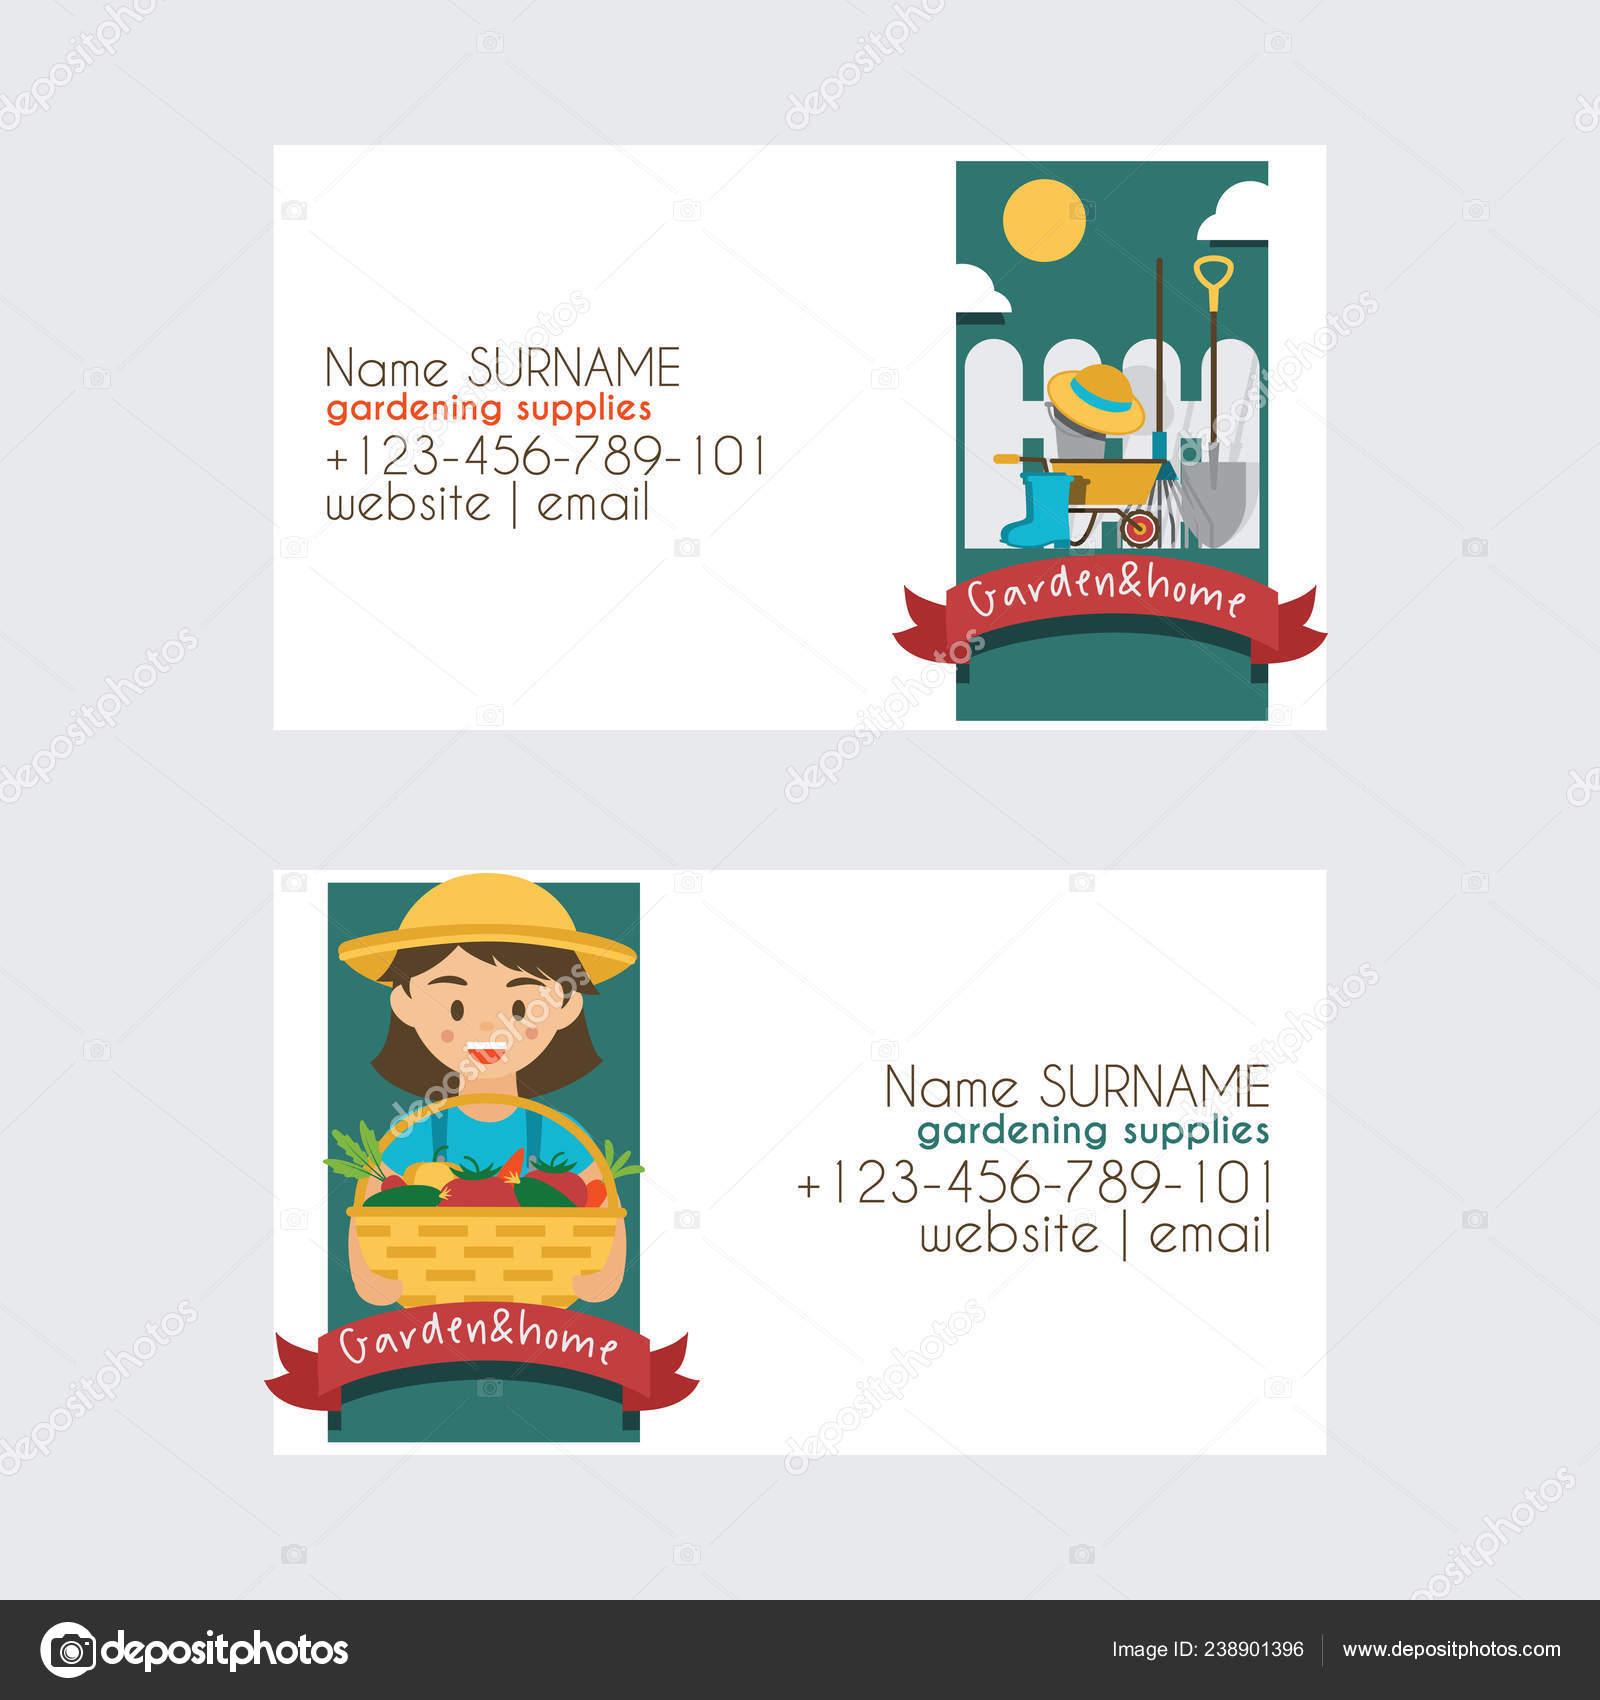 Bauernhof Vektor Landwirtschaft Gartenbau Ernte Visitenkarte